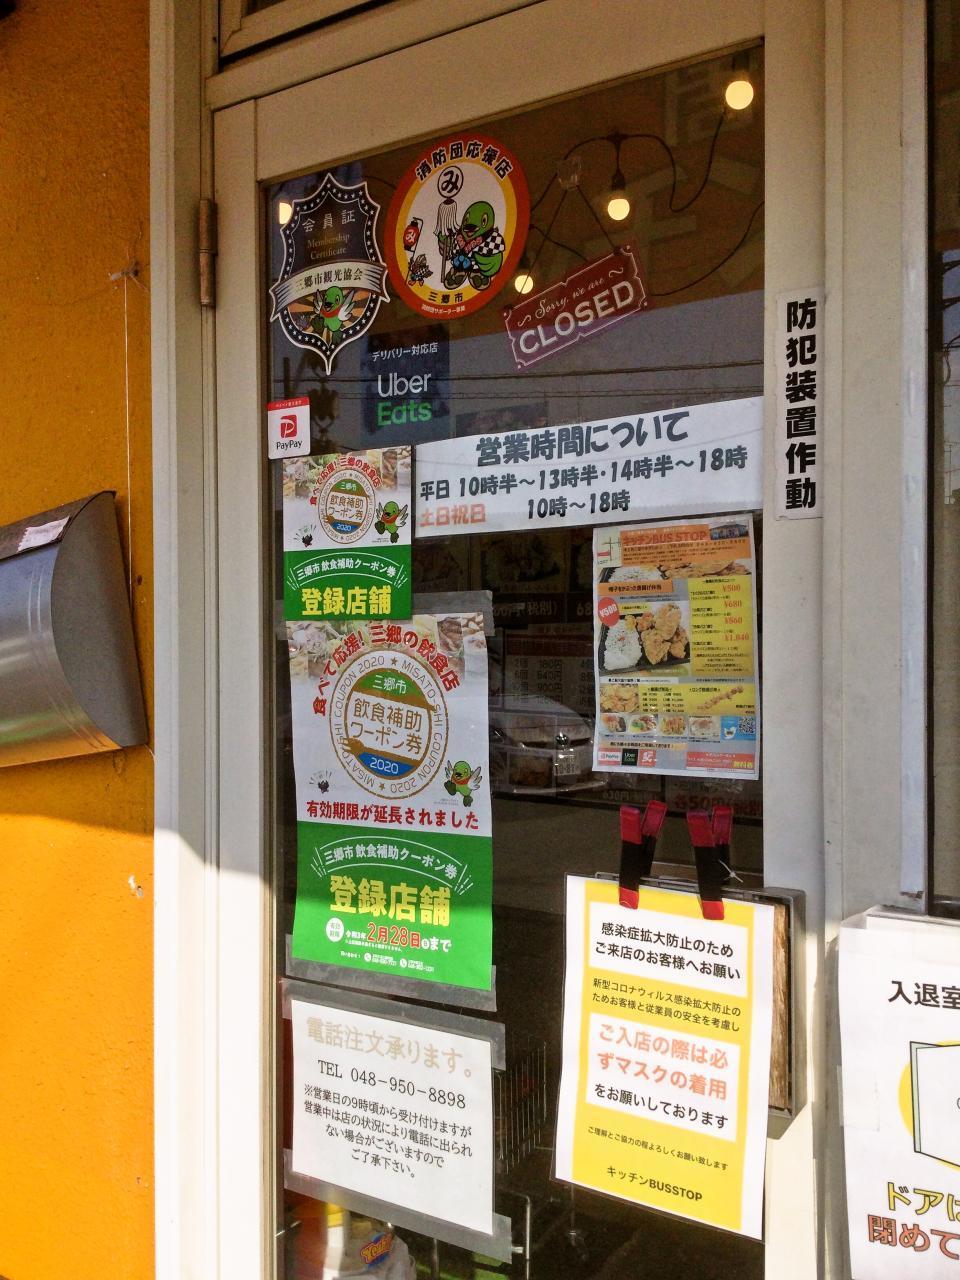 キッチン BUS STOP(店舗)